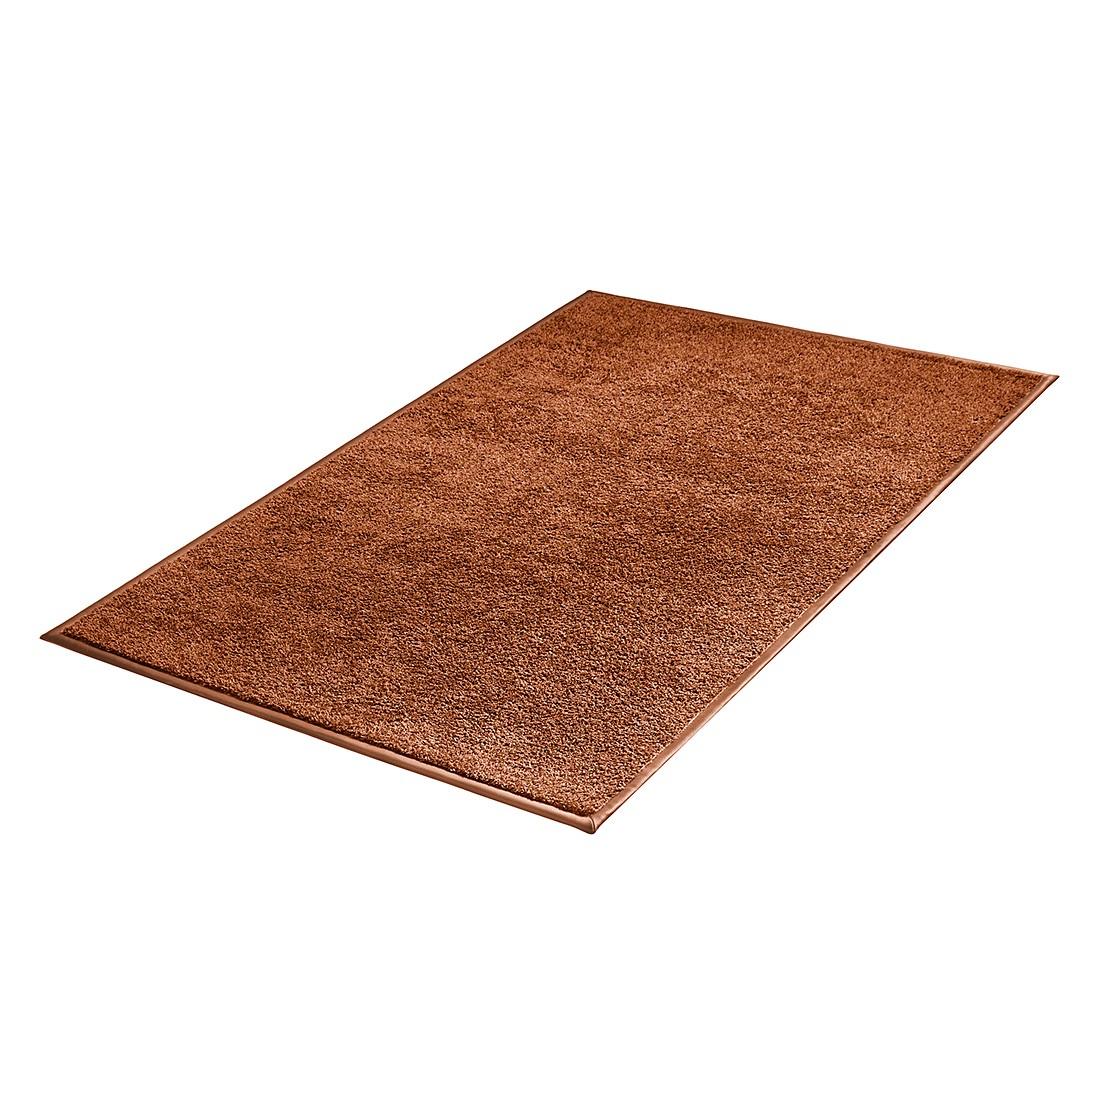 Teppich Noblesse Exclusiv – Terrakotta – 80 x 160 cm, DEKOWE jetzt bestellen